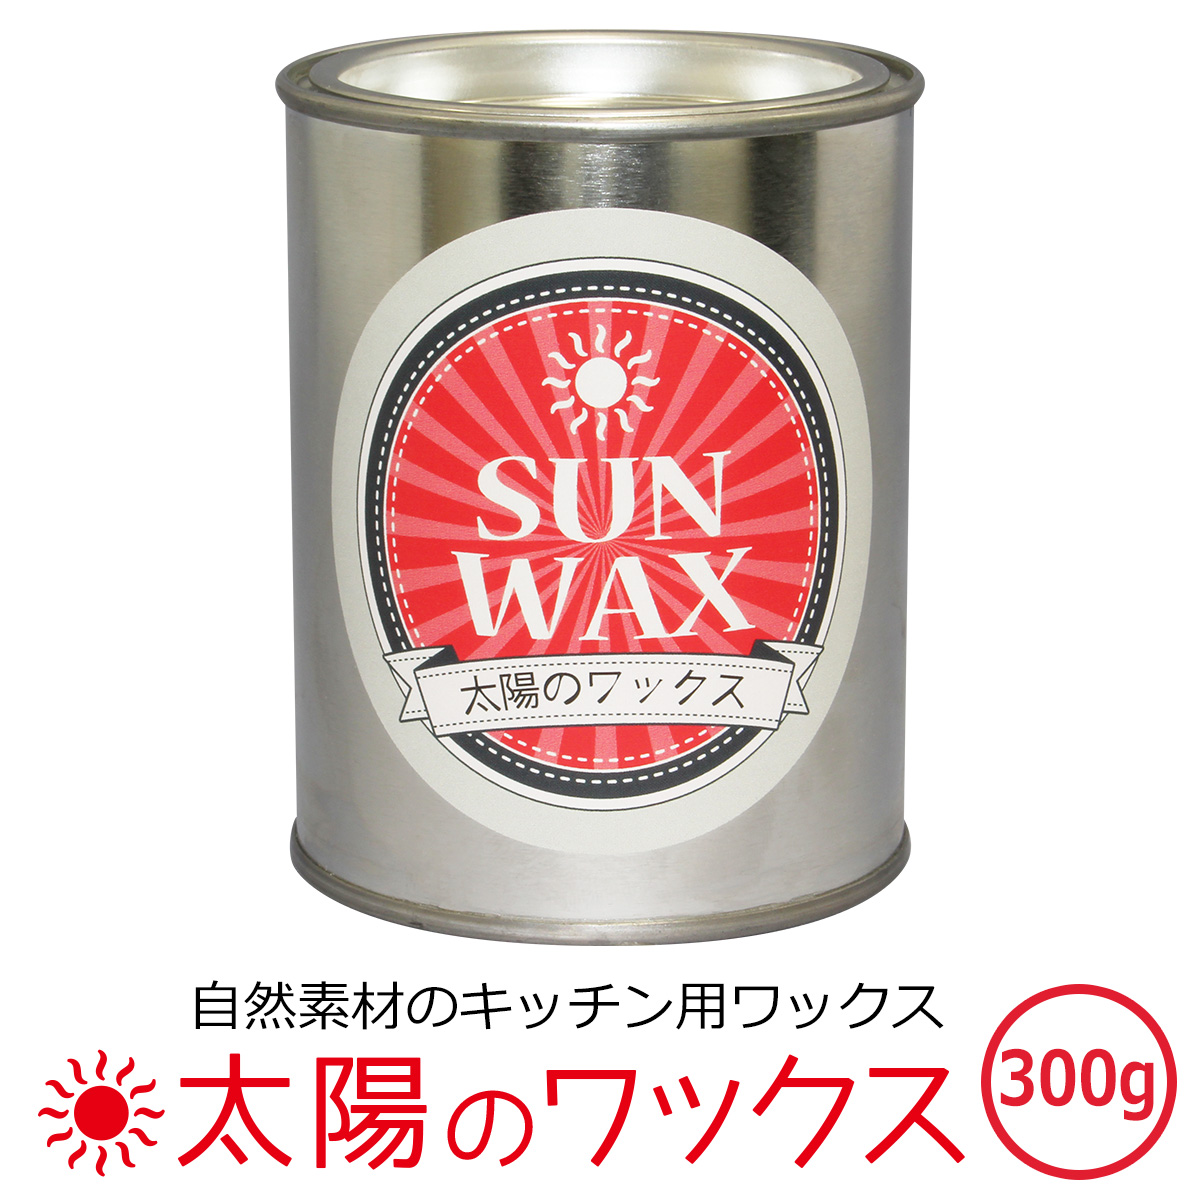 太陽のワックス300g